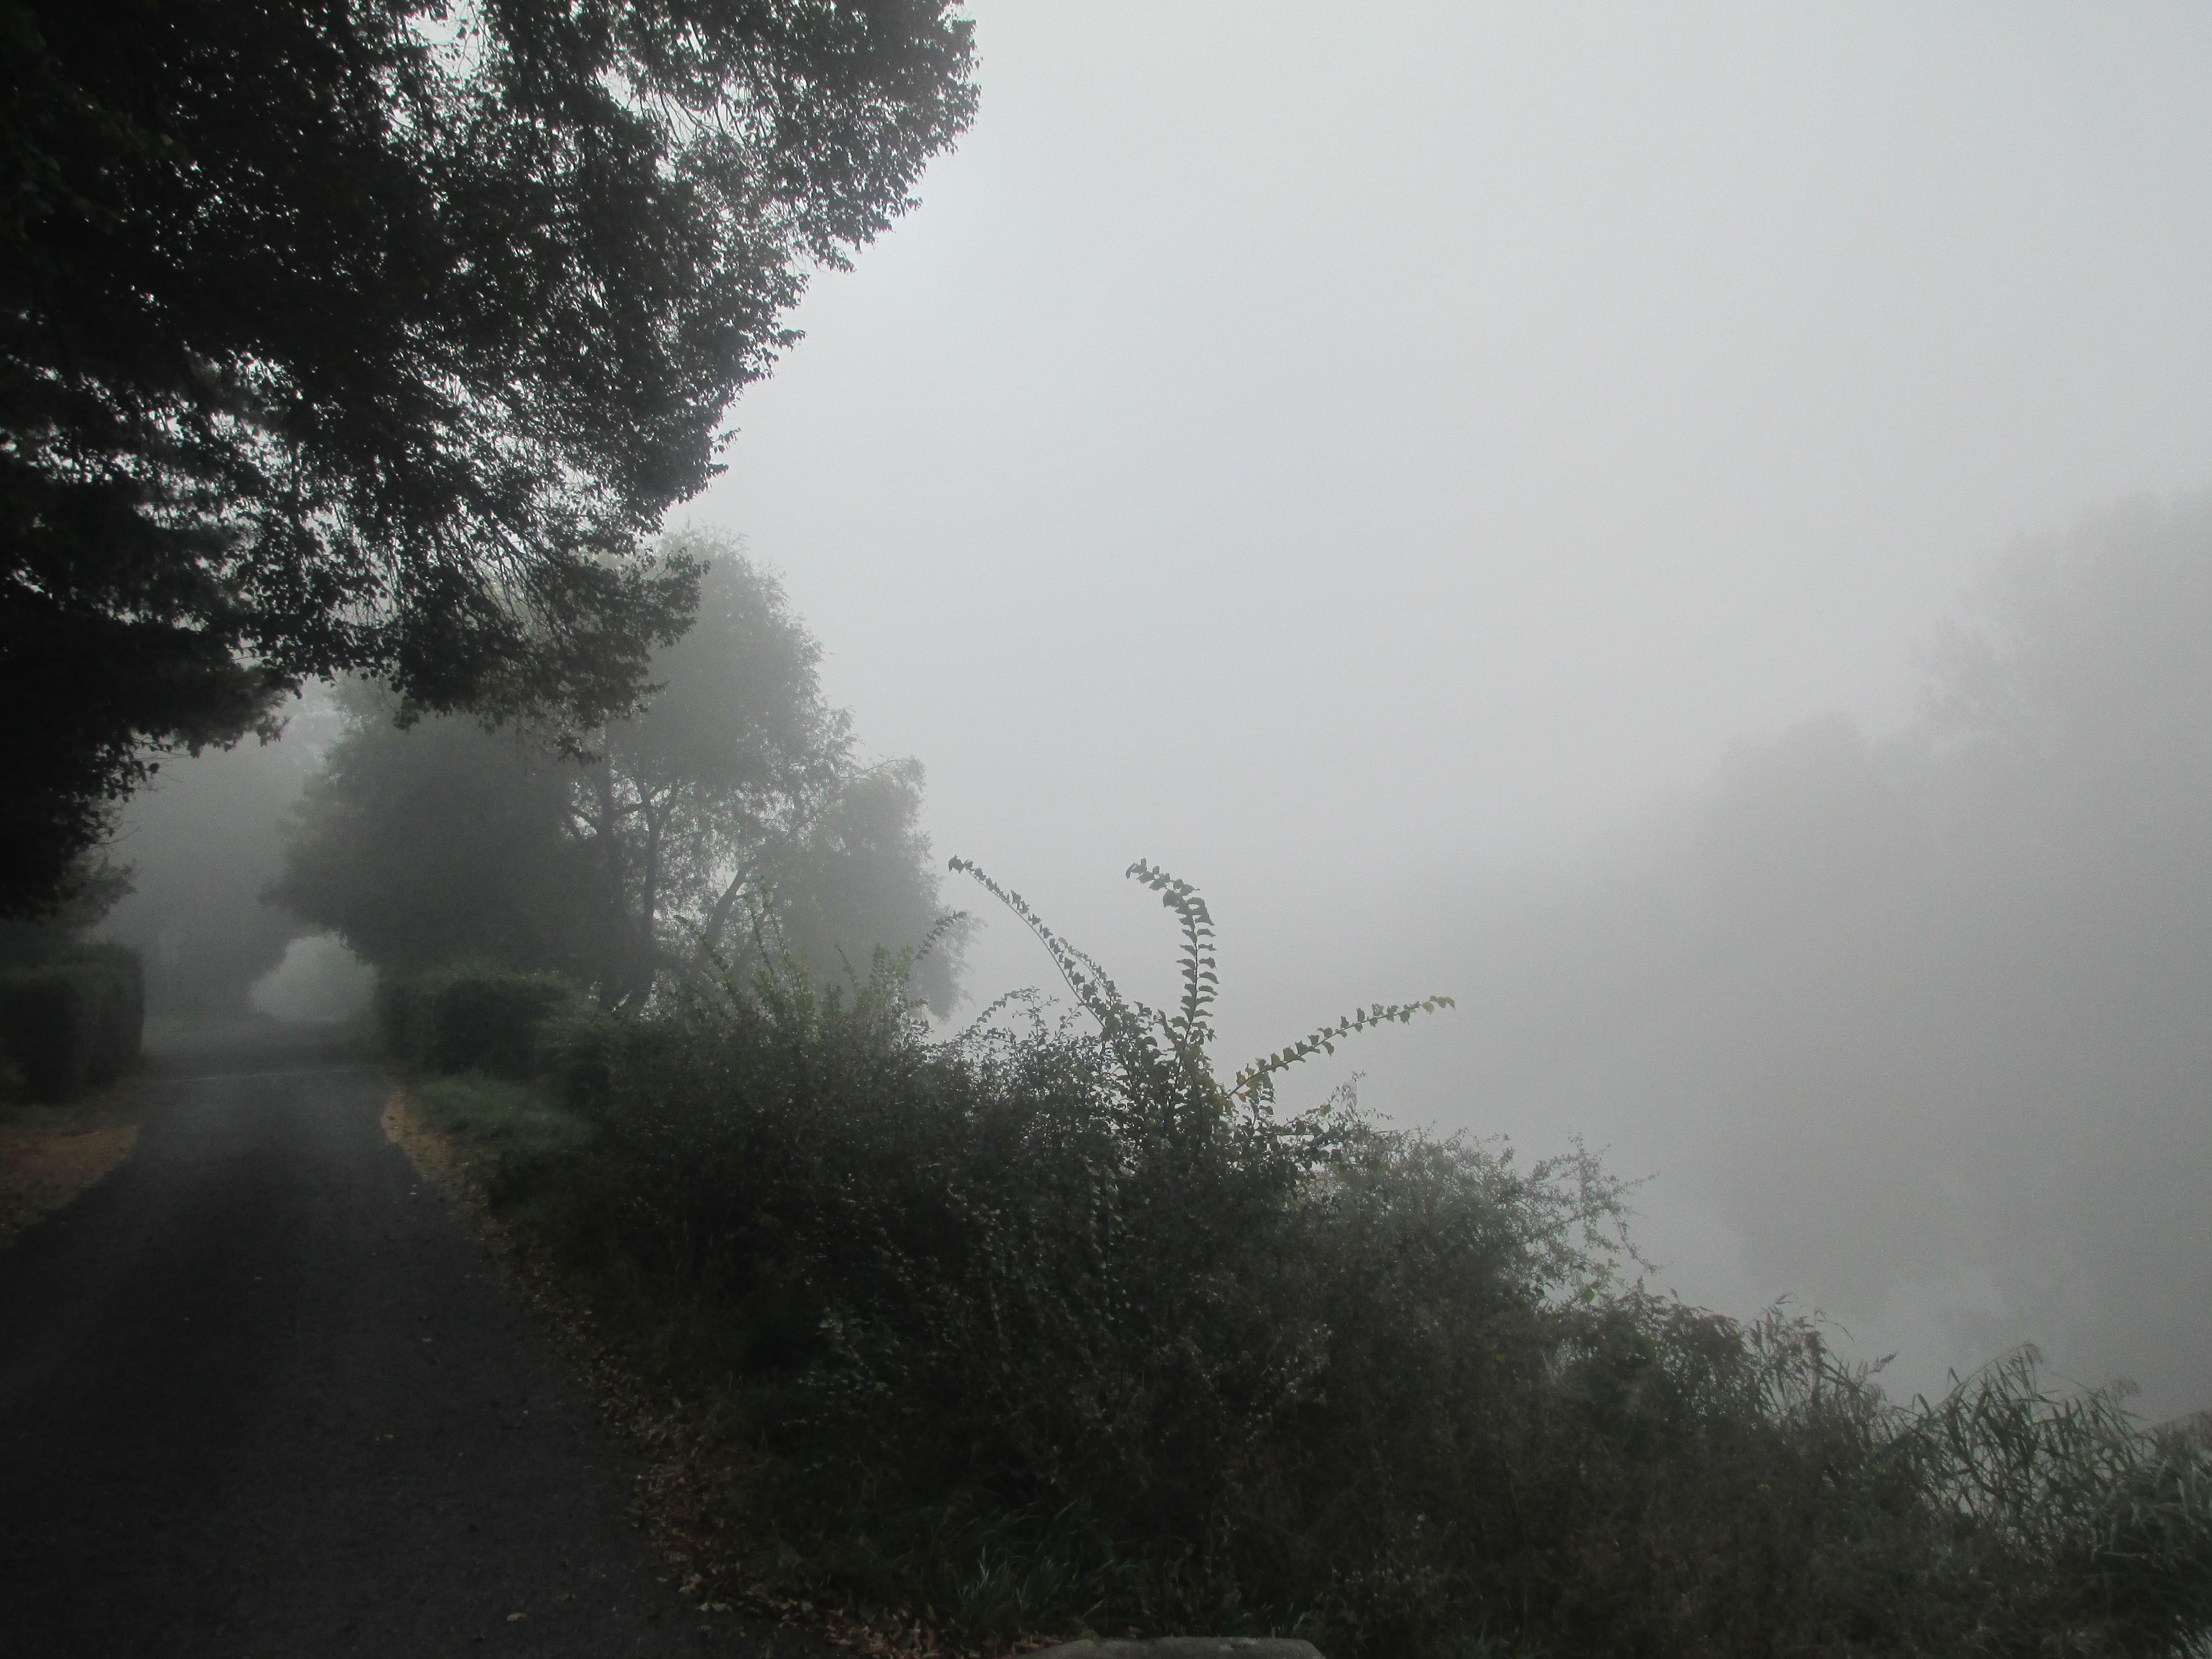 Počasí v tlakové výši: Podzimní tlaková výše s mlhou.